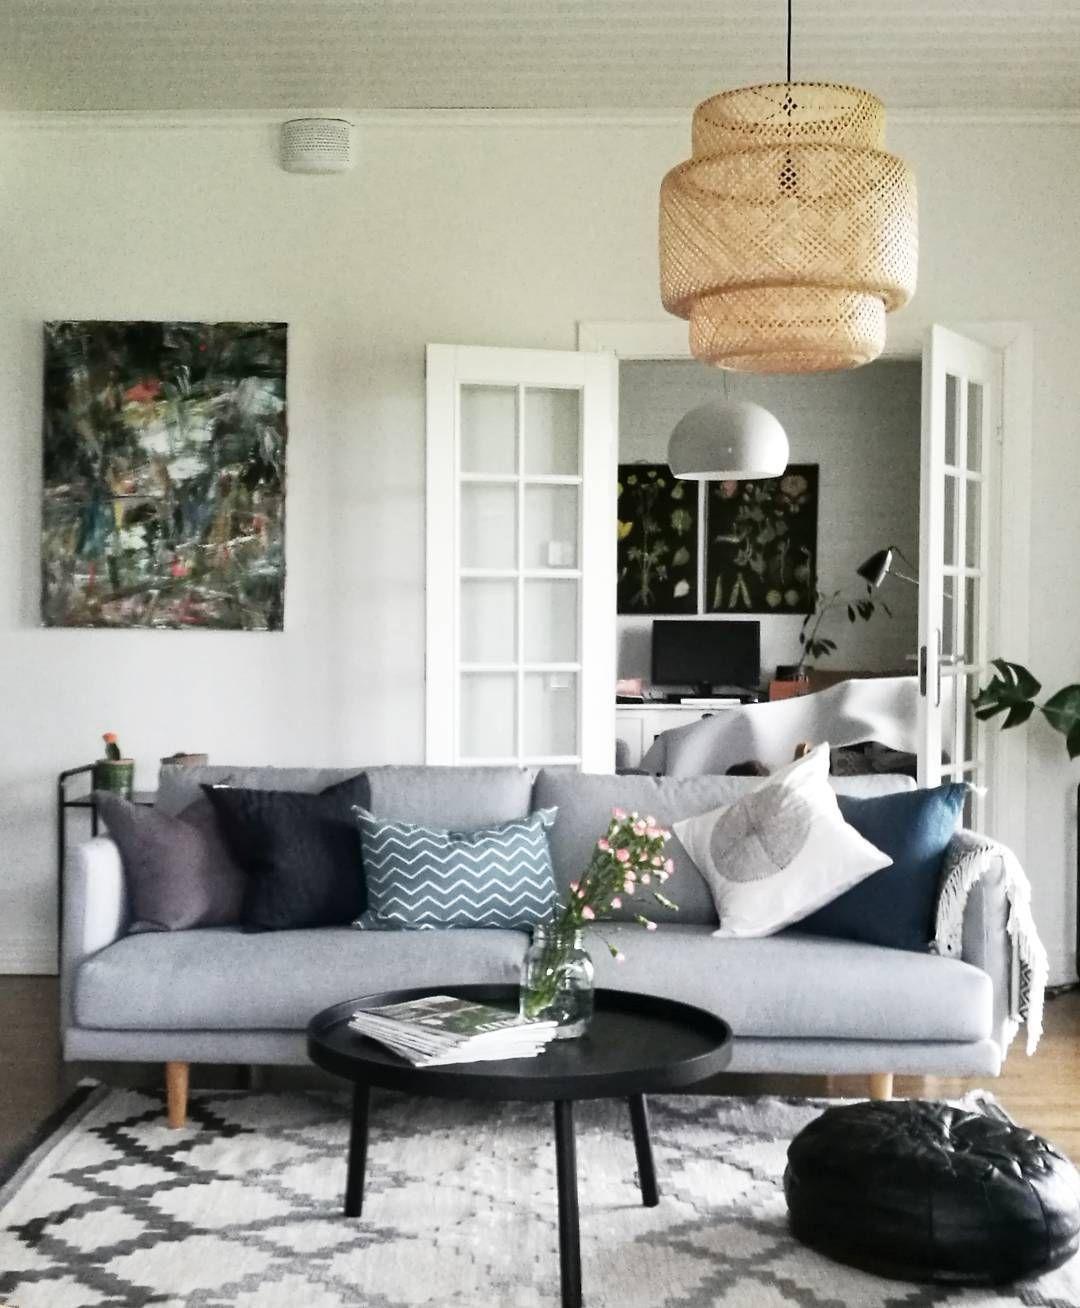 Ikea Sinnerlig Pendant Lamp Ig Callithomeblog N E S T